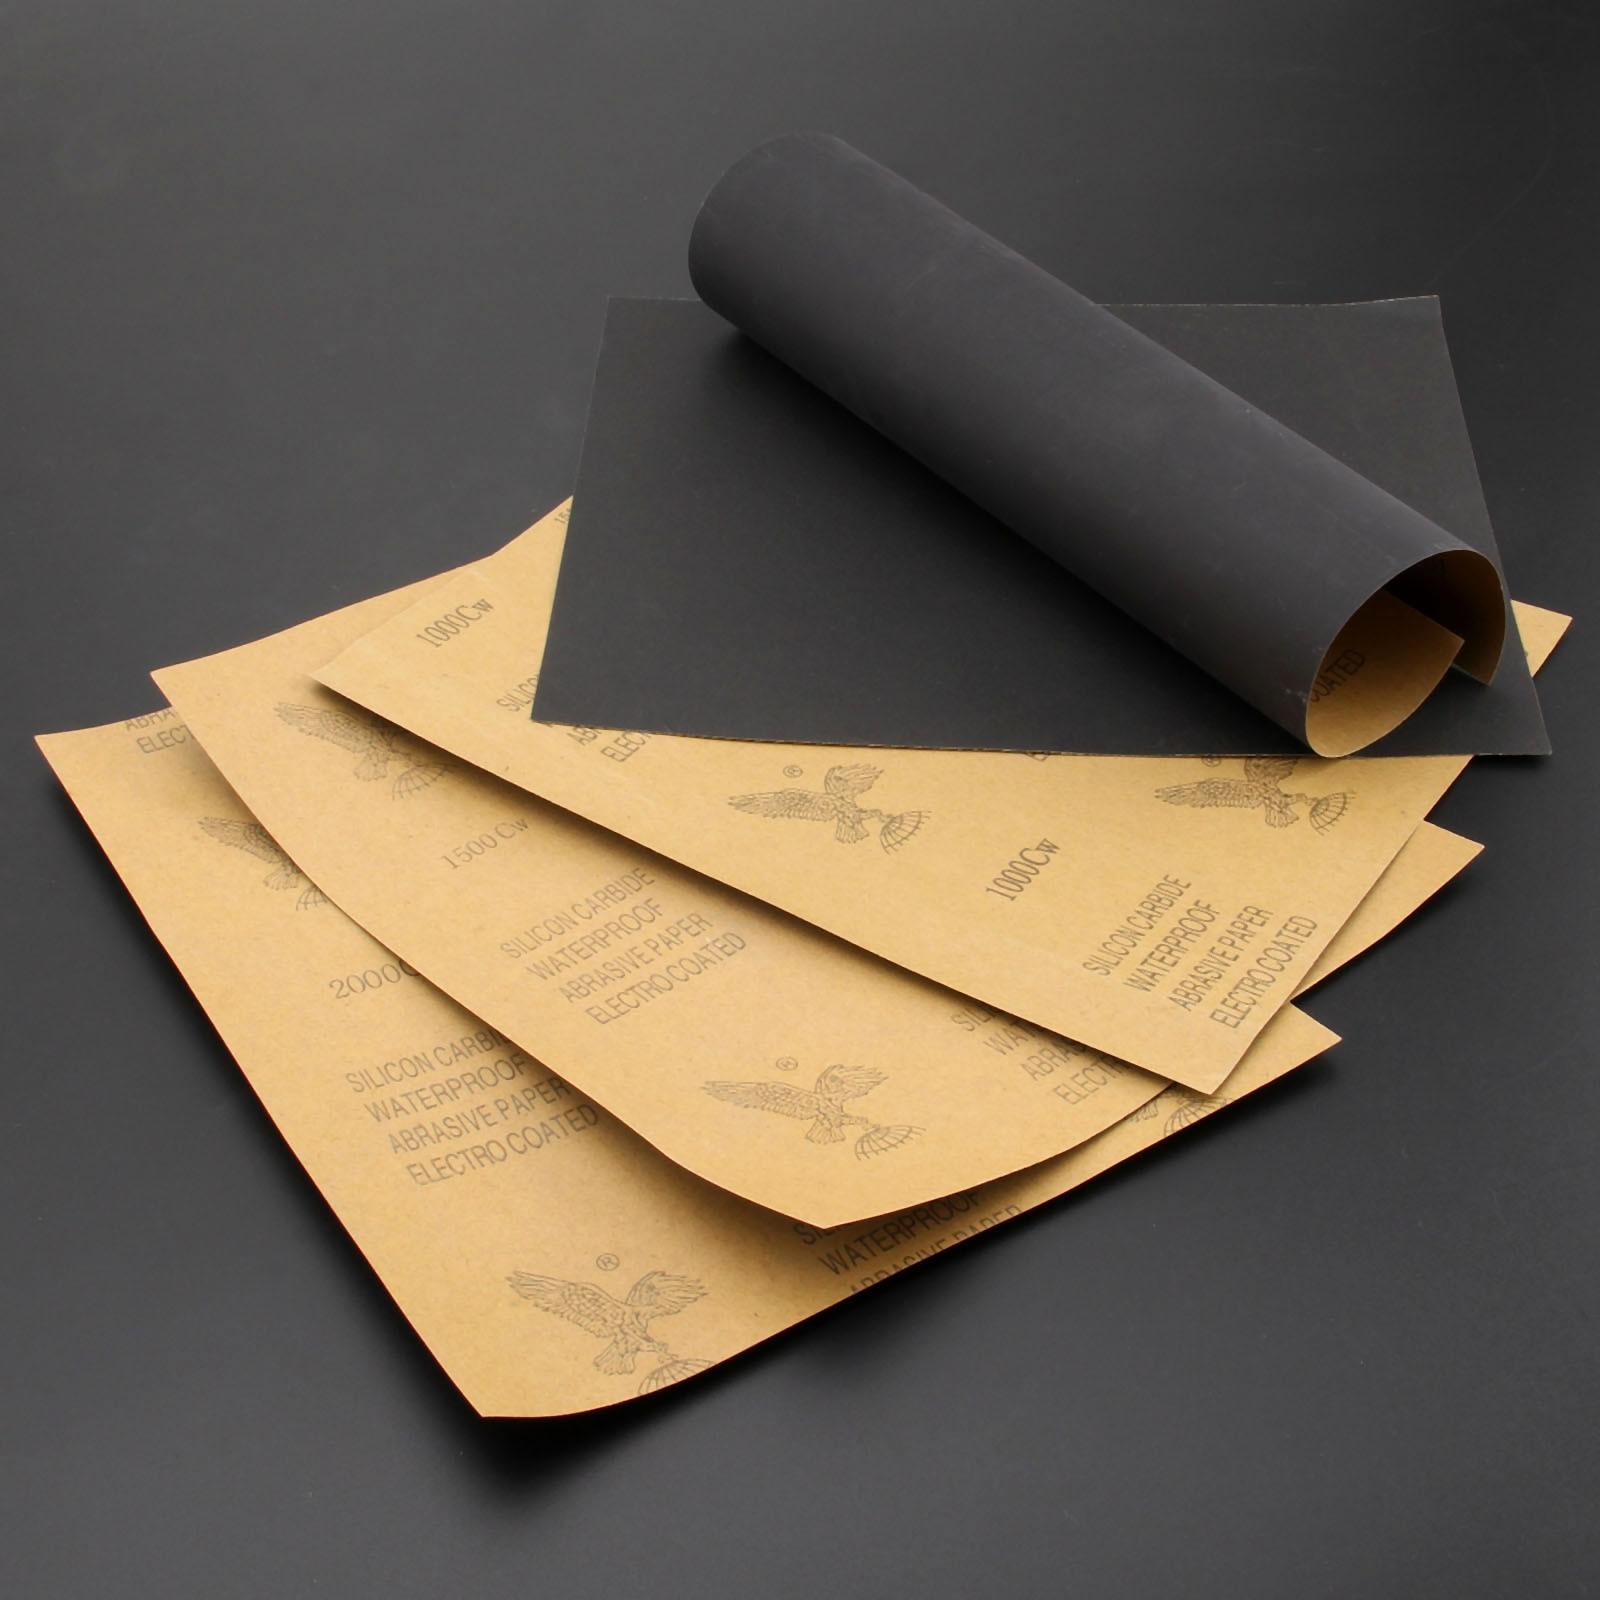 DRELD 5 lap homokpapír vízálló csiszolópapír Homokpapír - Csiszolószerszámok - Fénykép 4